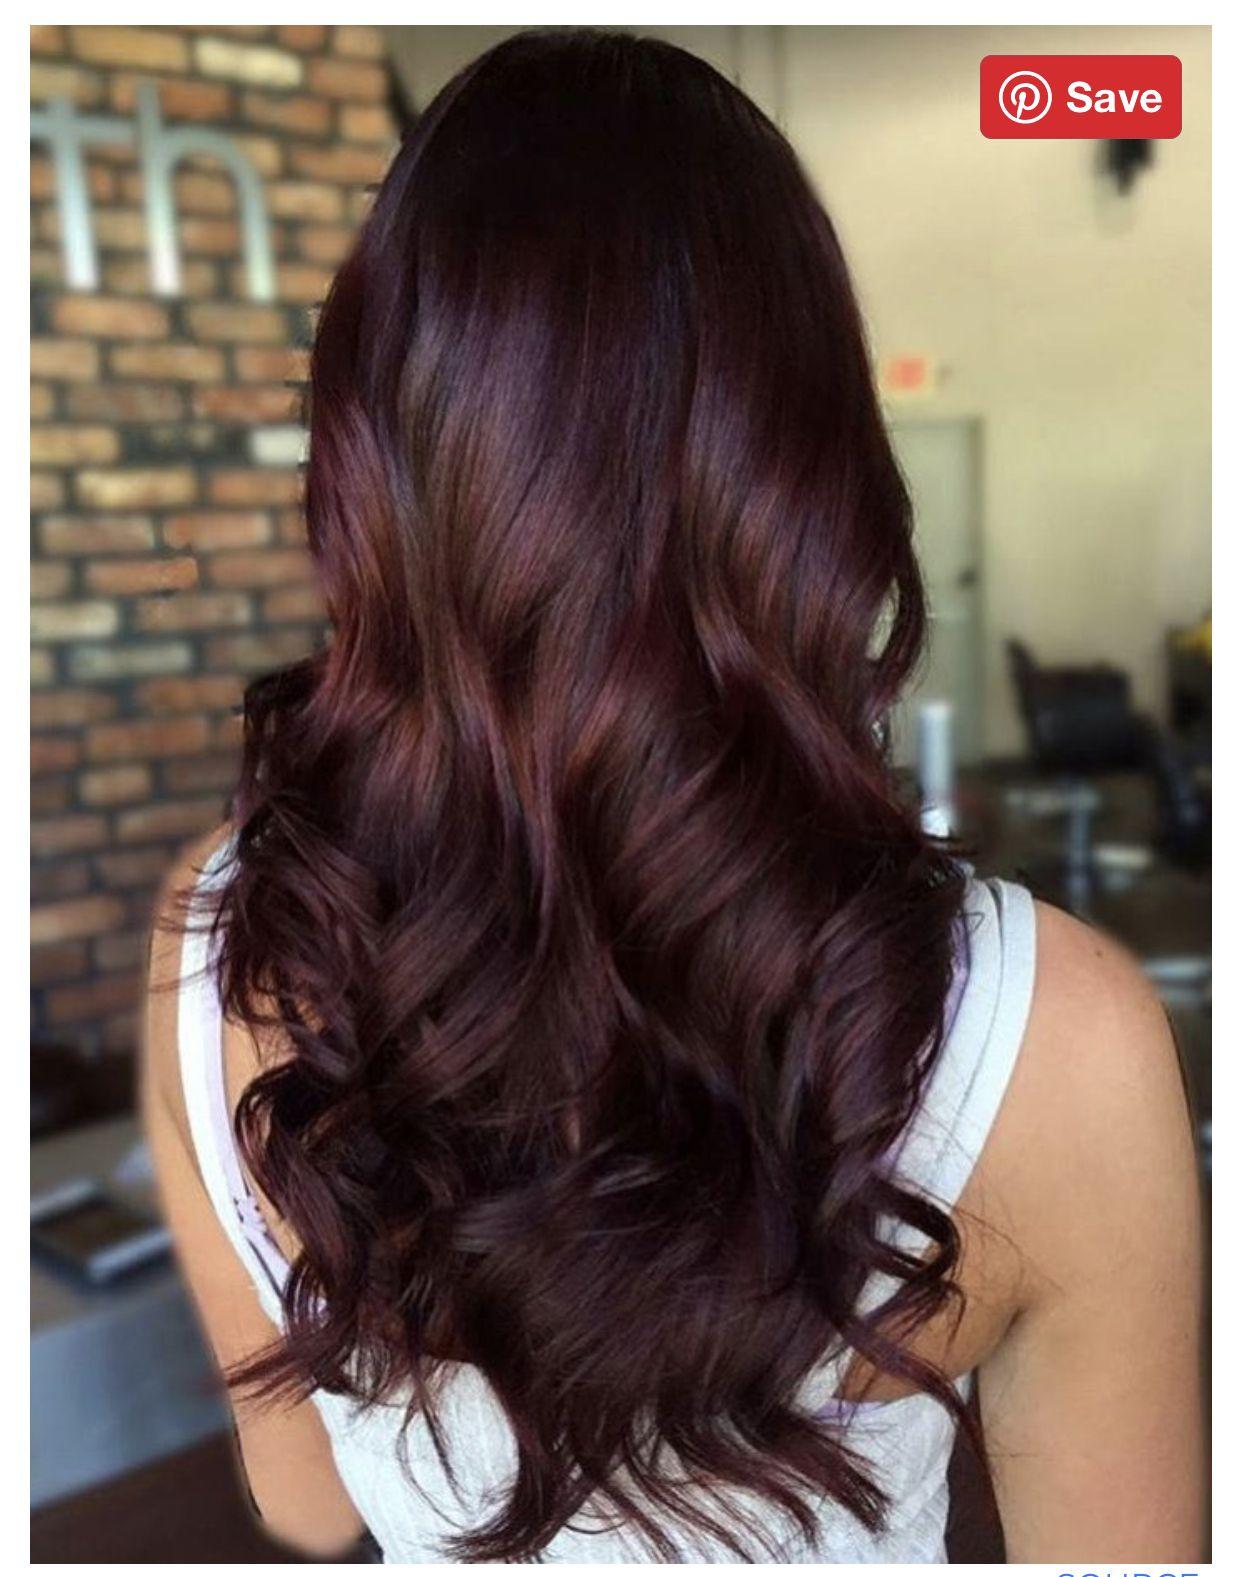 Pin By Mi Sj On Beauty Mahogany Hair Wine Hair Hair Color Mahogany